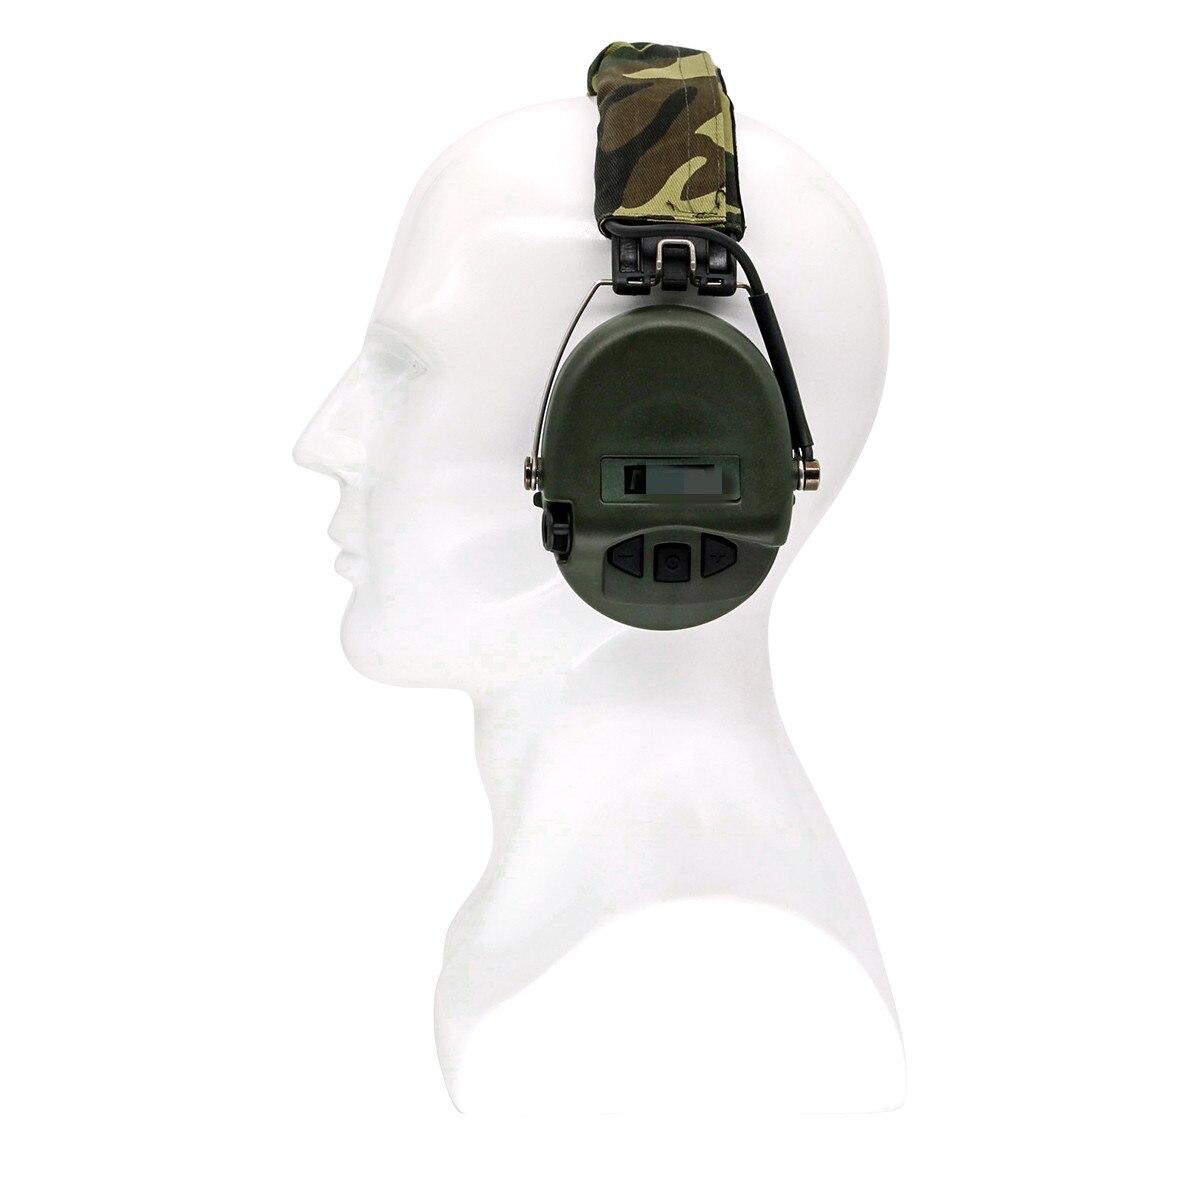 Тактические наушники MSA Airsoft Sordin, уличные охотничьи Электронные Наушники с защитой слуха и шумоподавлением, тактические наушники для стрельбы-5